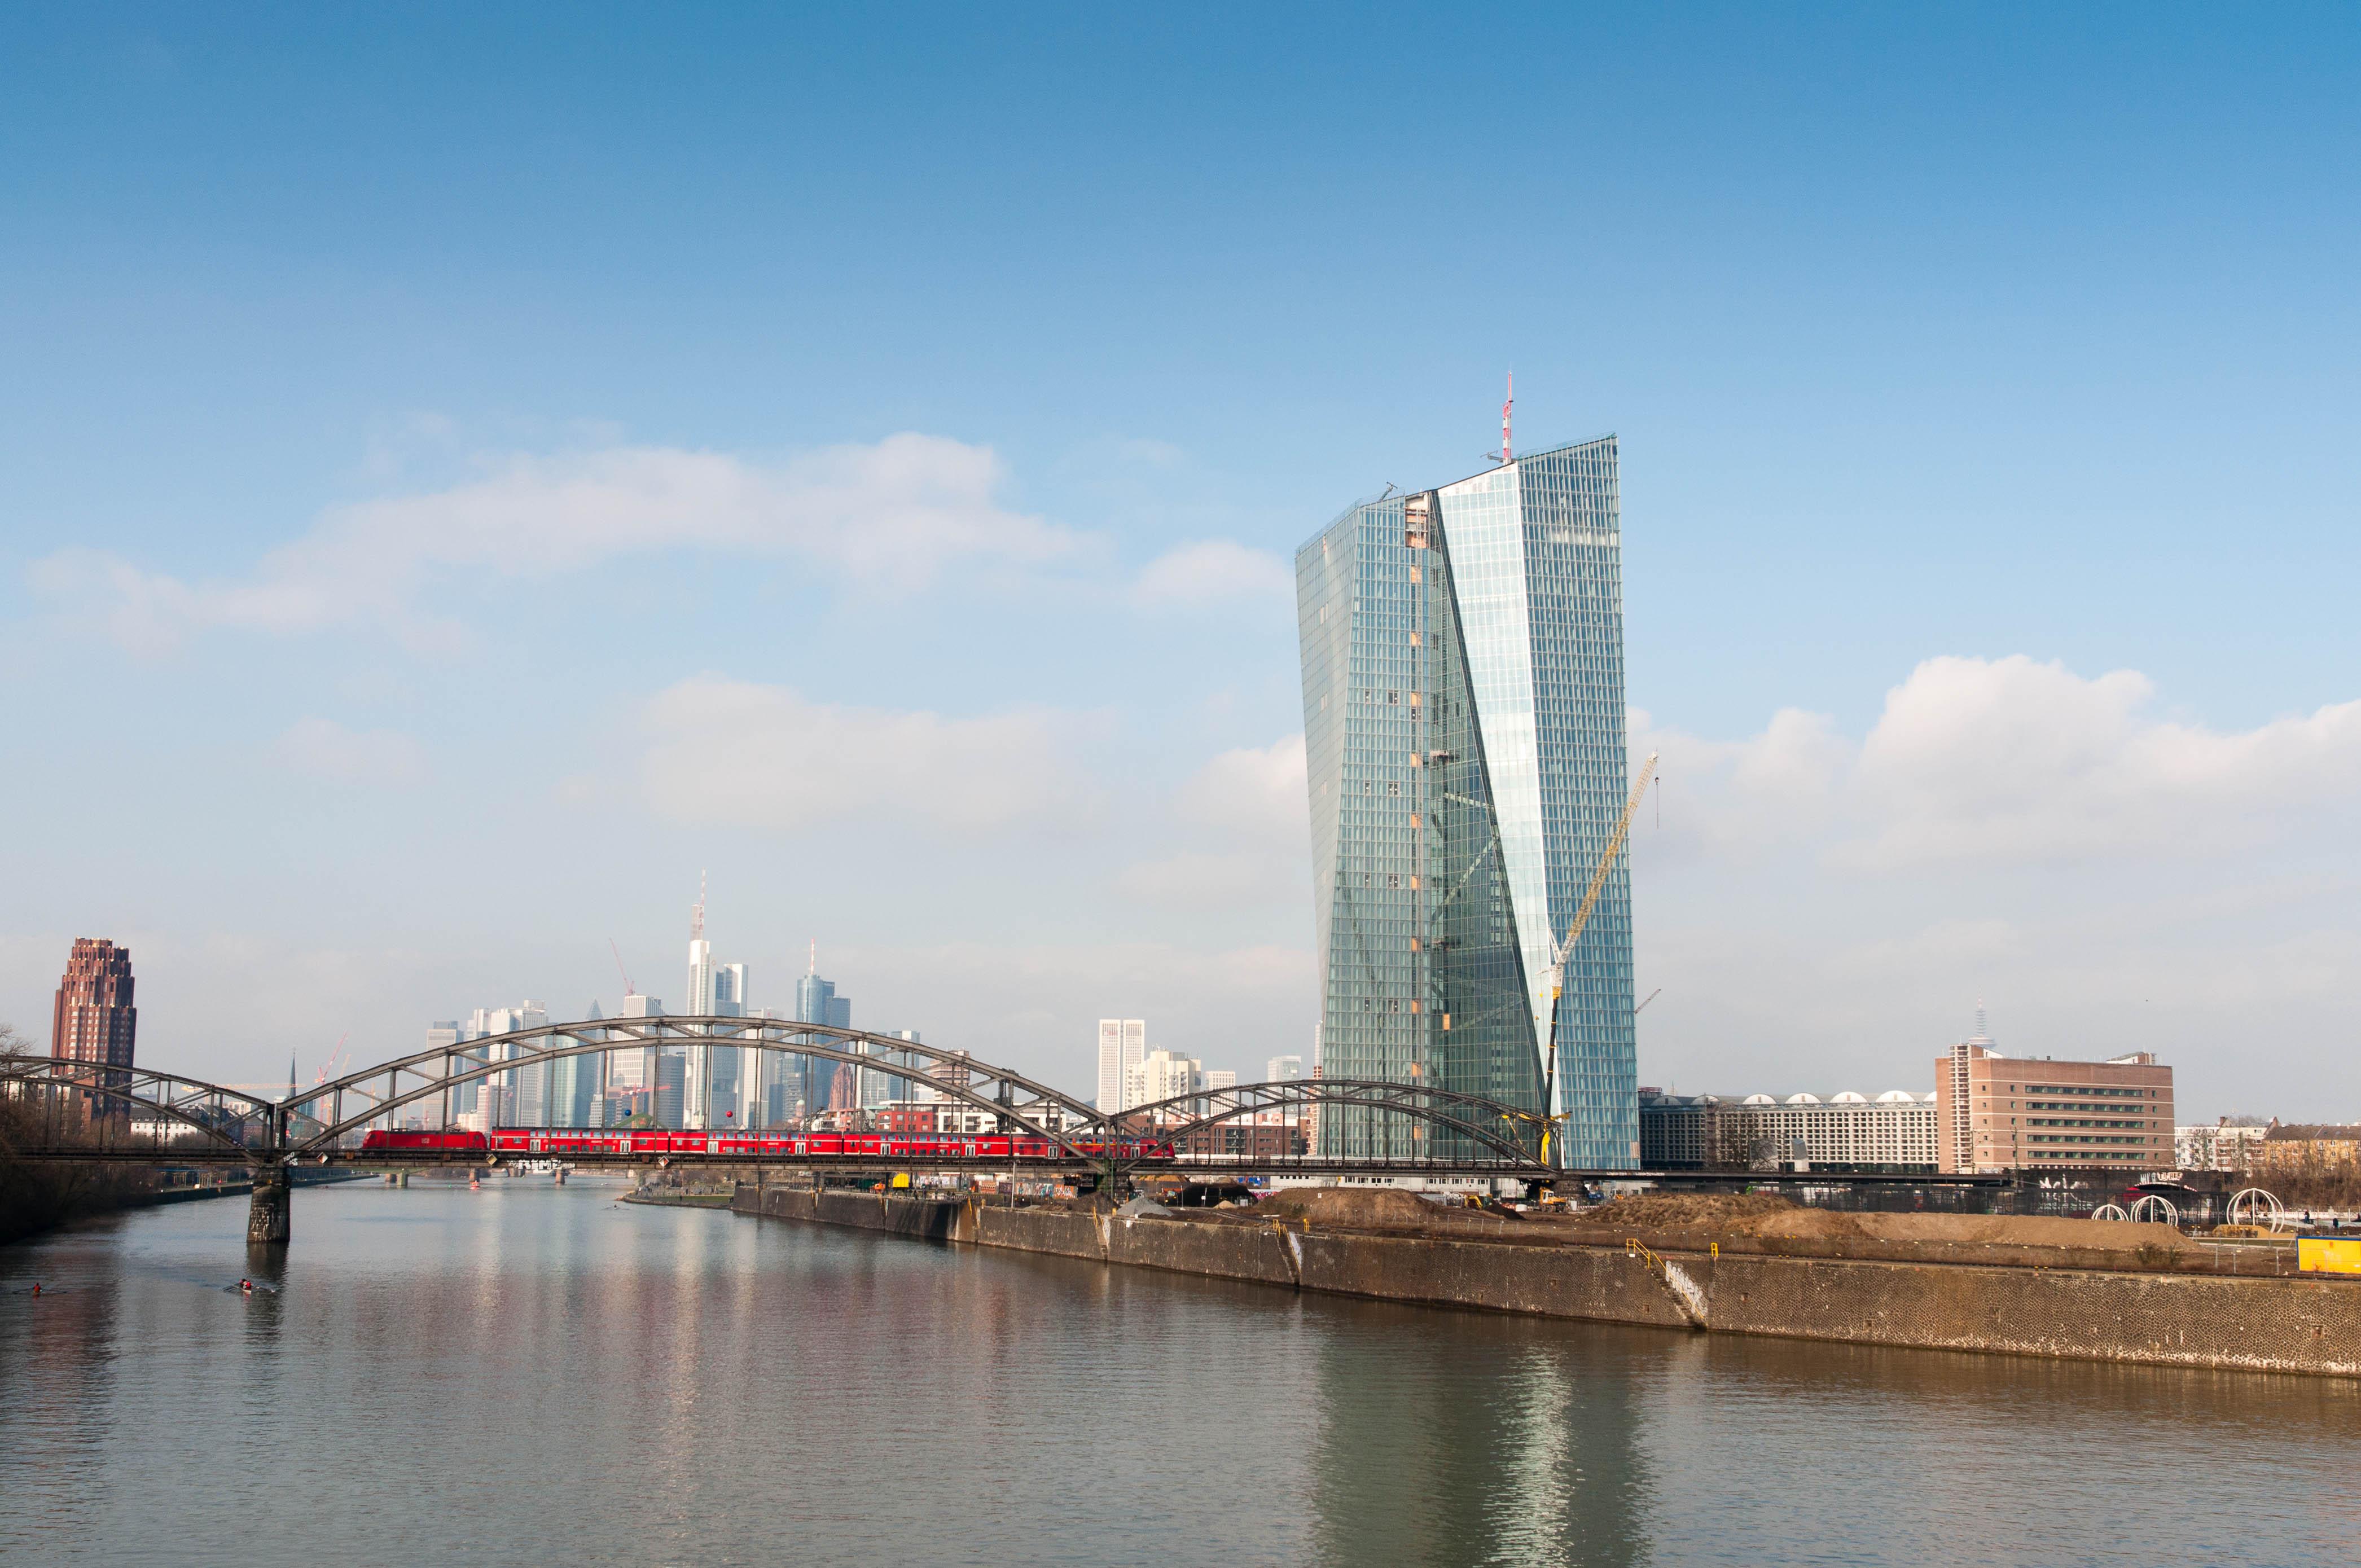 Die EZB macht nach Kritik das Geheimabkommen ANFA öffentlich.